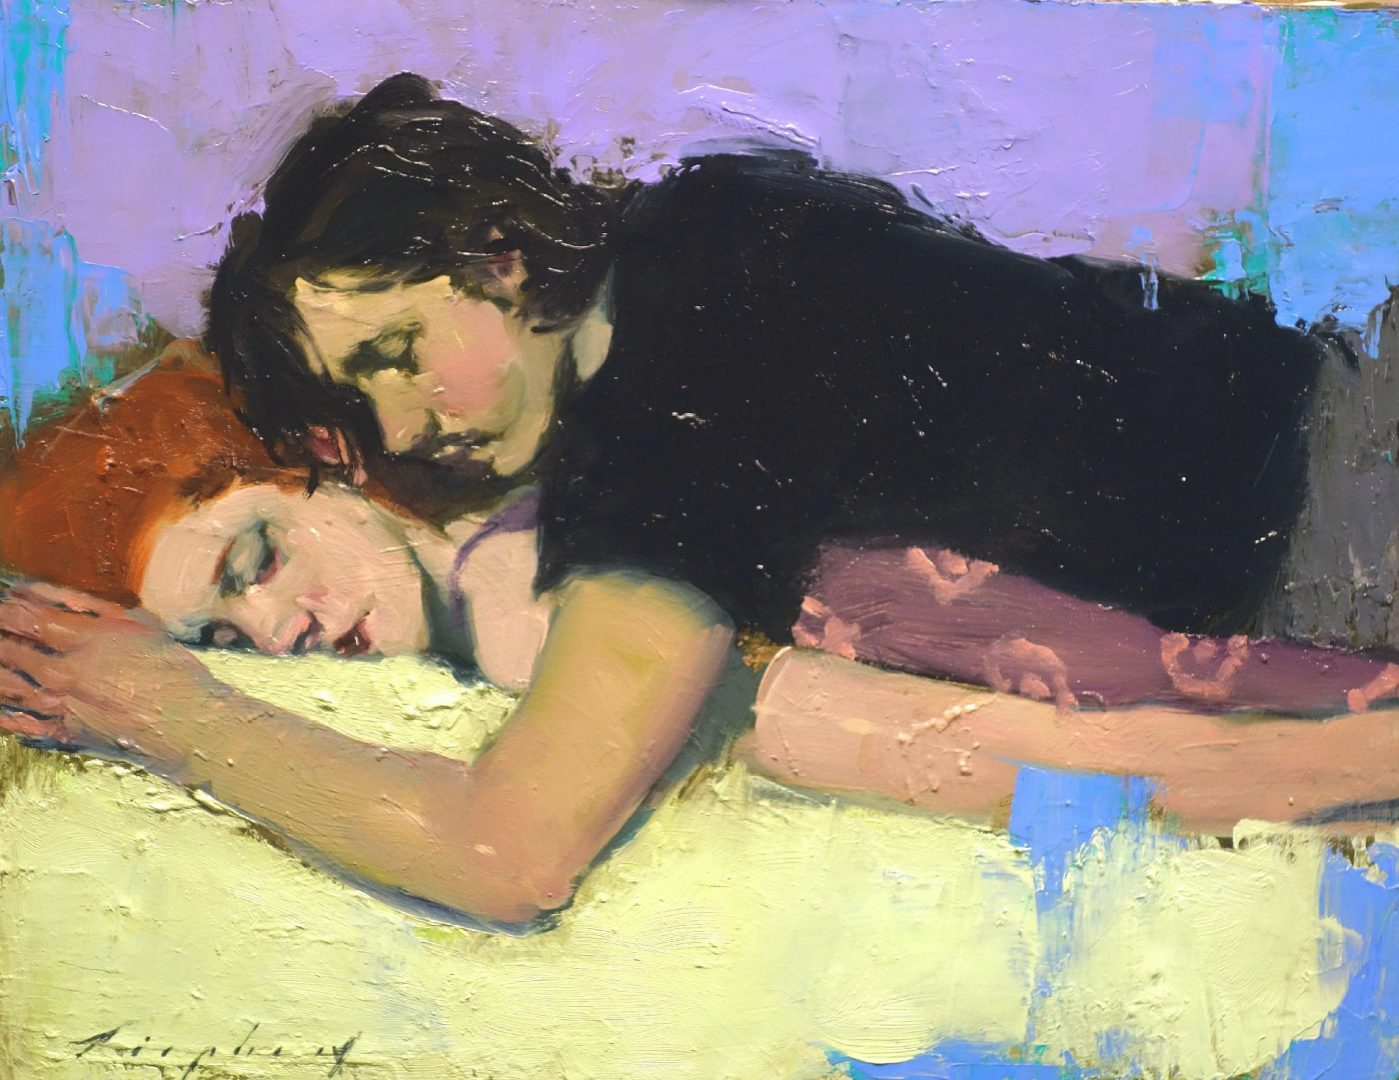 Malcolm T. Liepke dipinge le emozioni più profonde